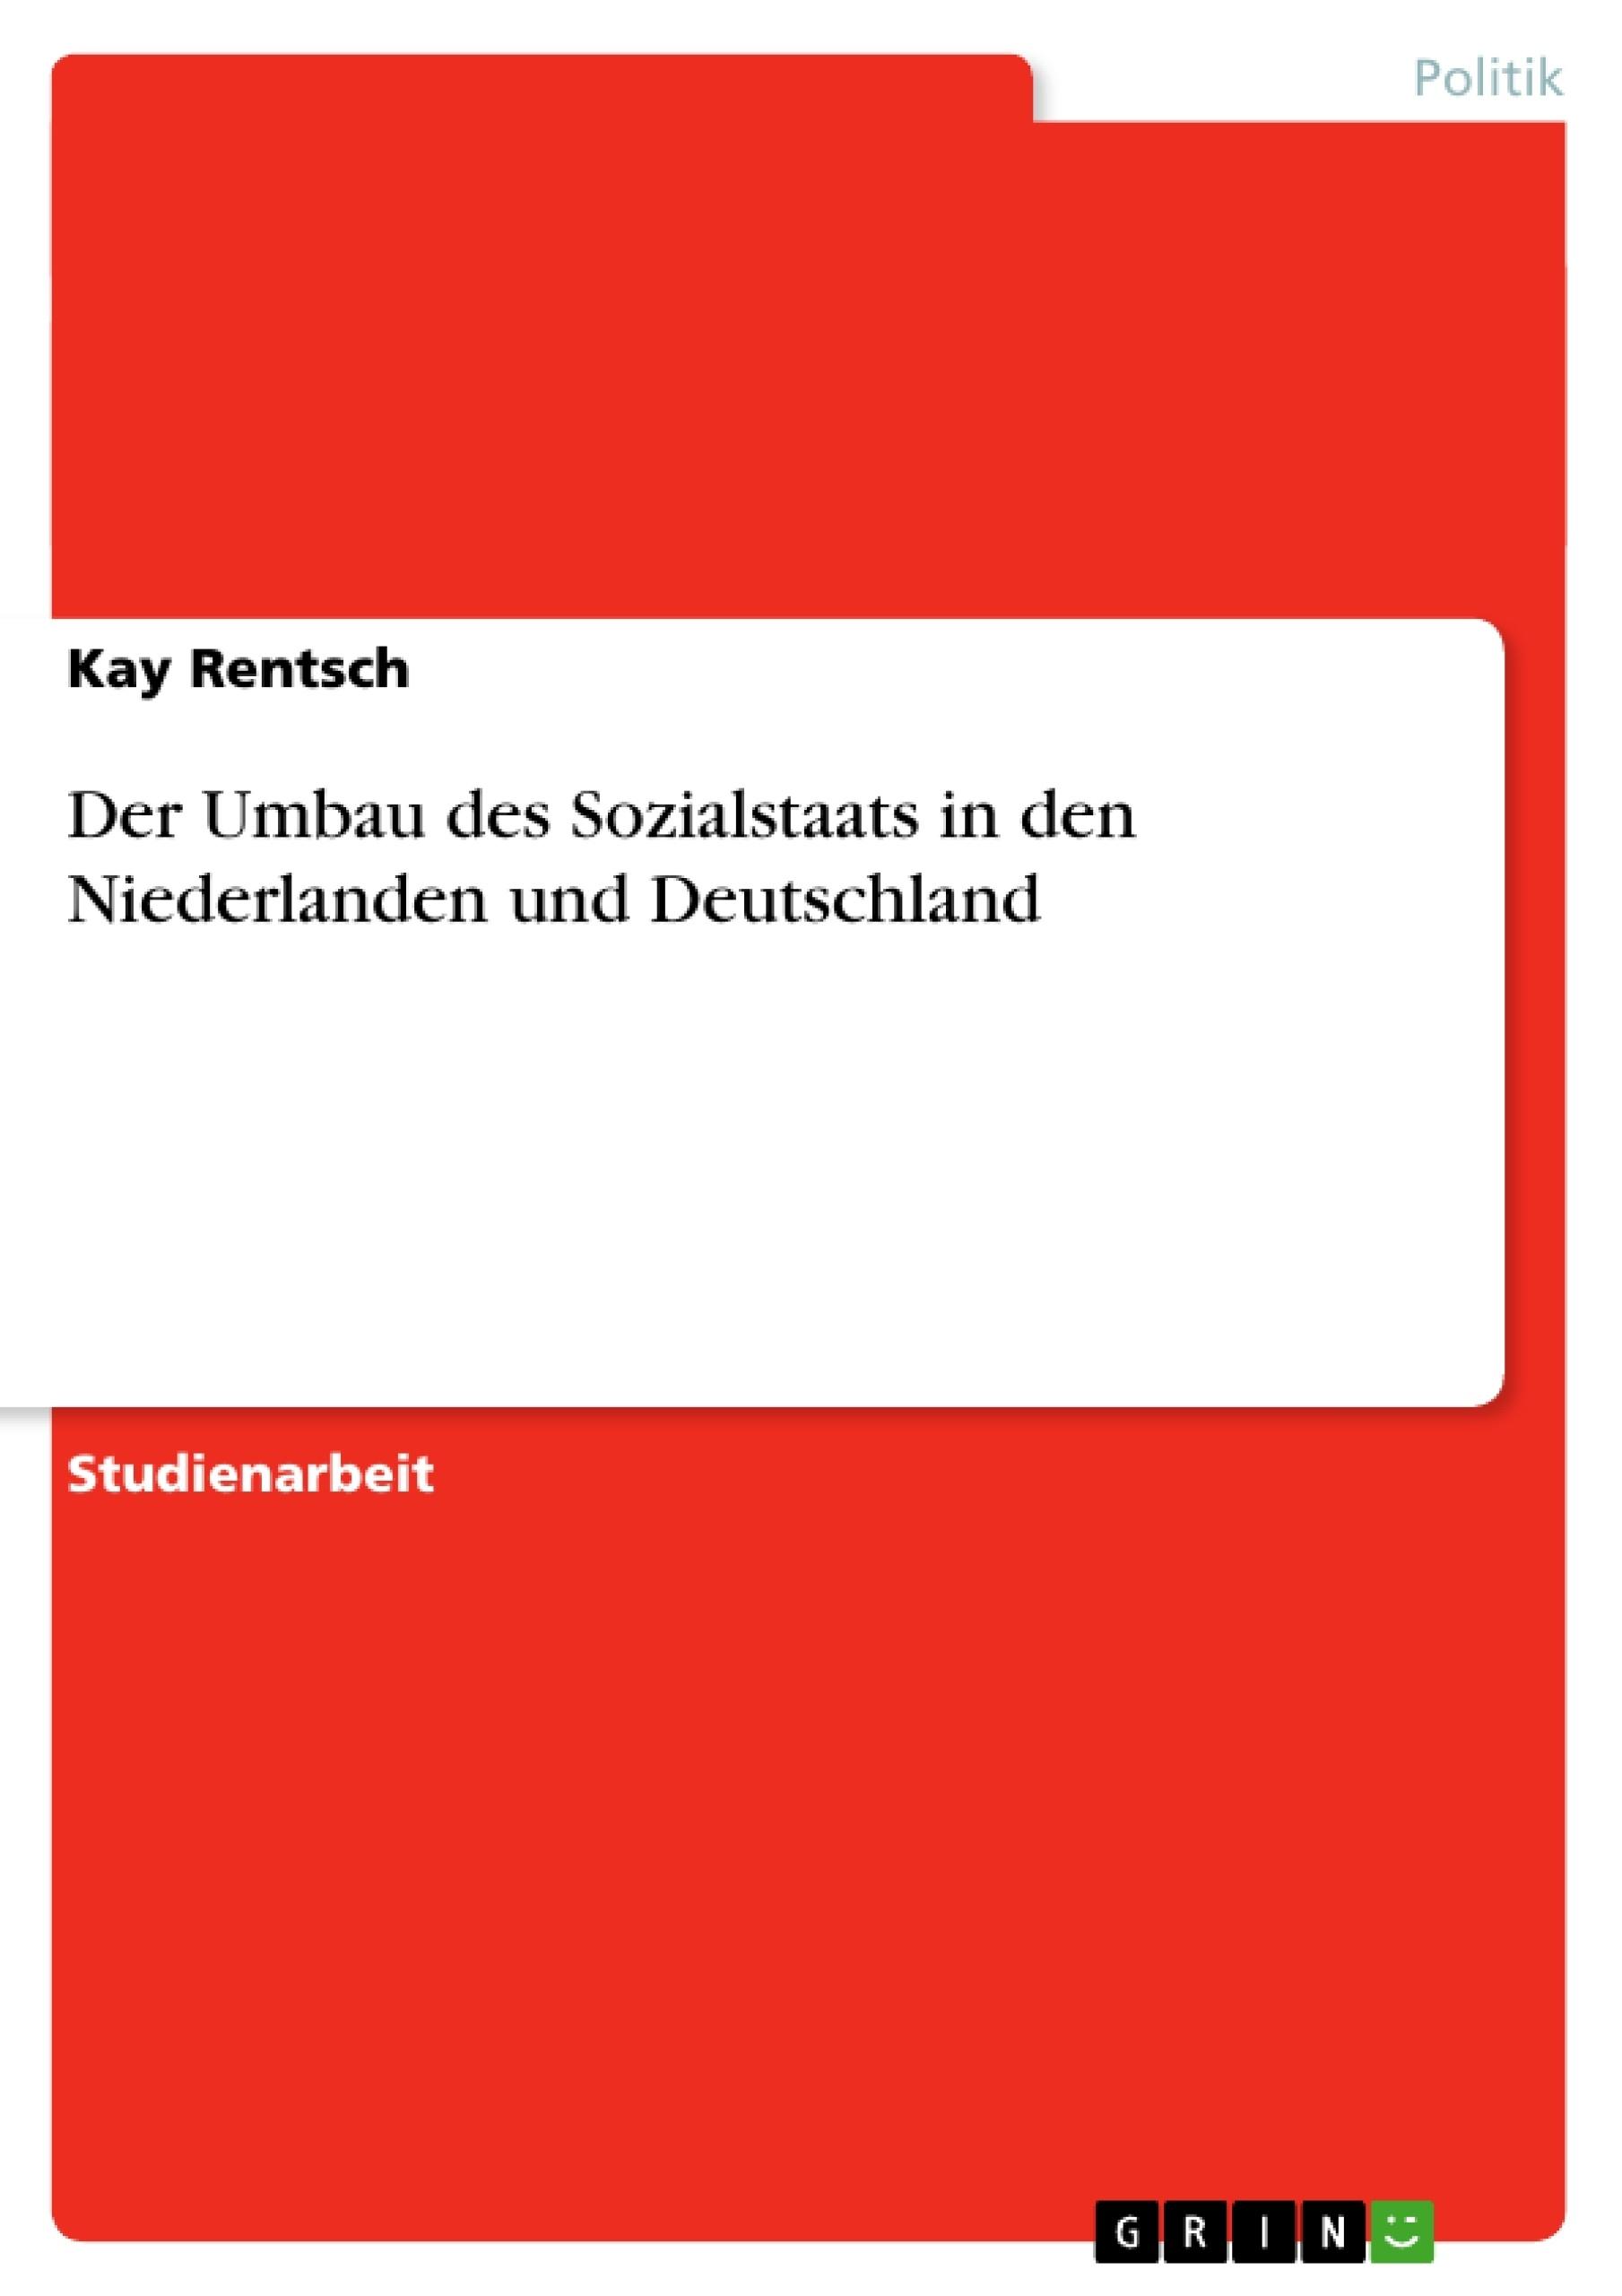 Titel: Der Umbau des Sozialstaats in den Niederlanden und Deutschland